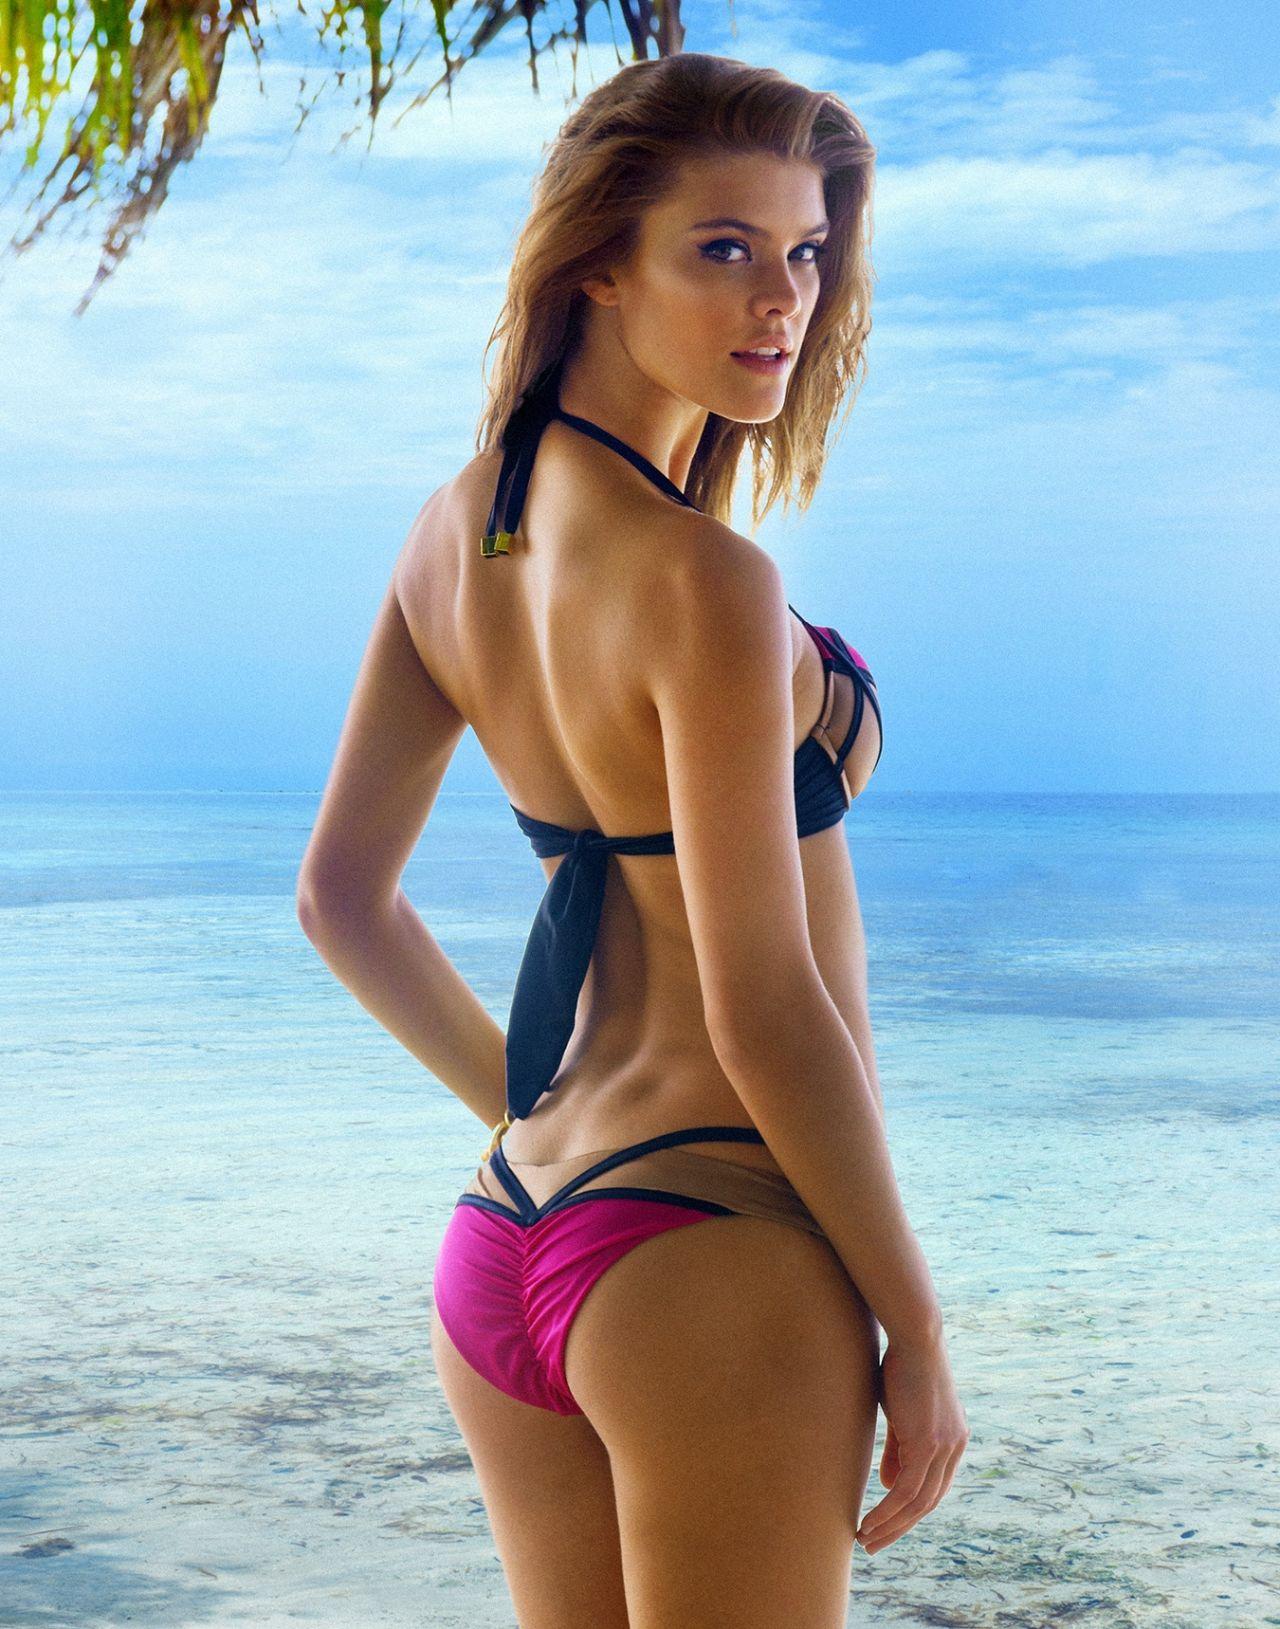 Butt Solveig Mork Hansen DEN naked (94 photo) Fappening, Instagram, in bikini